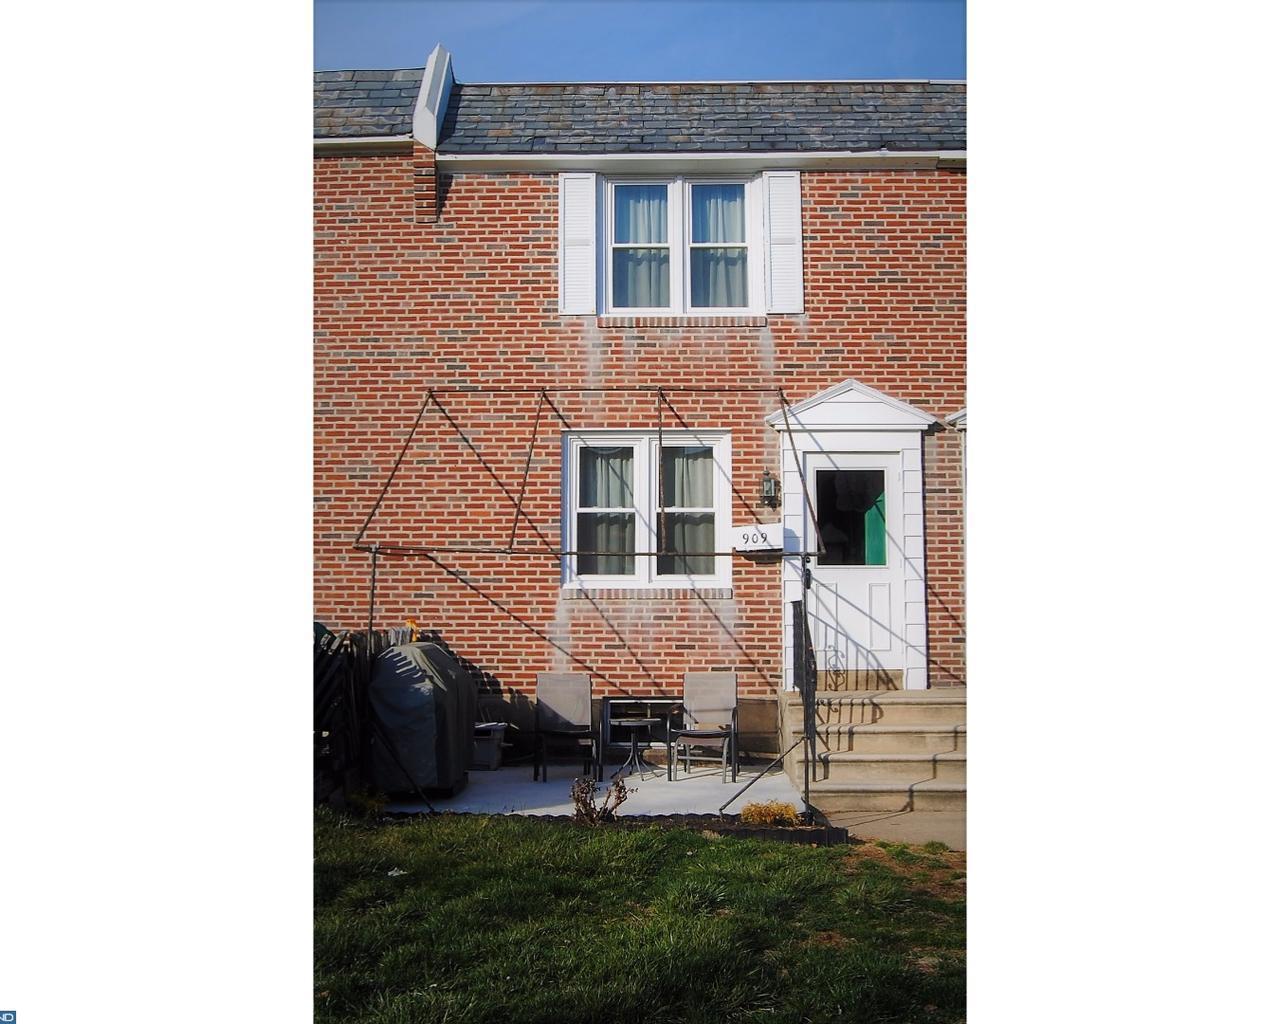 909 Brenton Rd, Drexel Hill, PA 19026